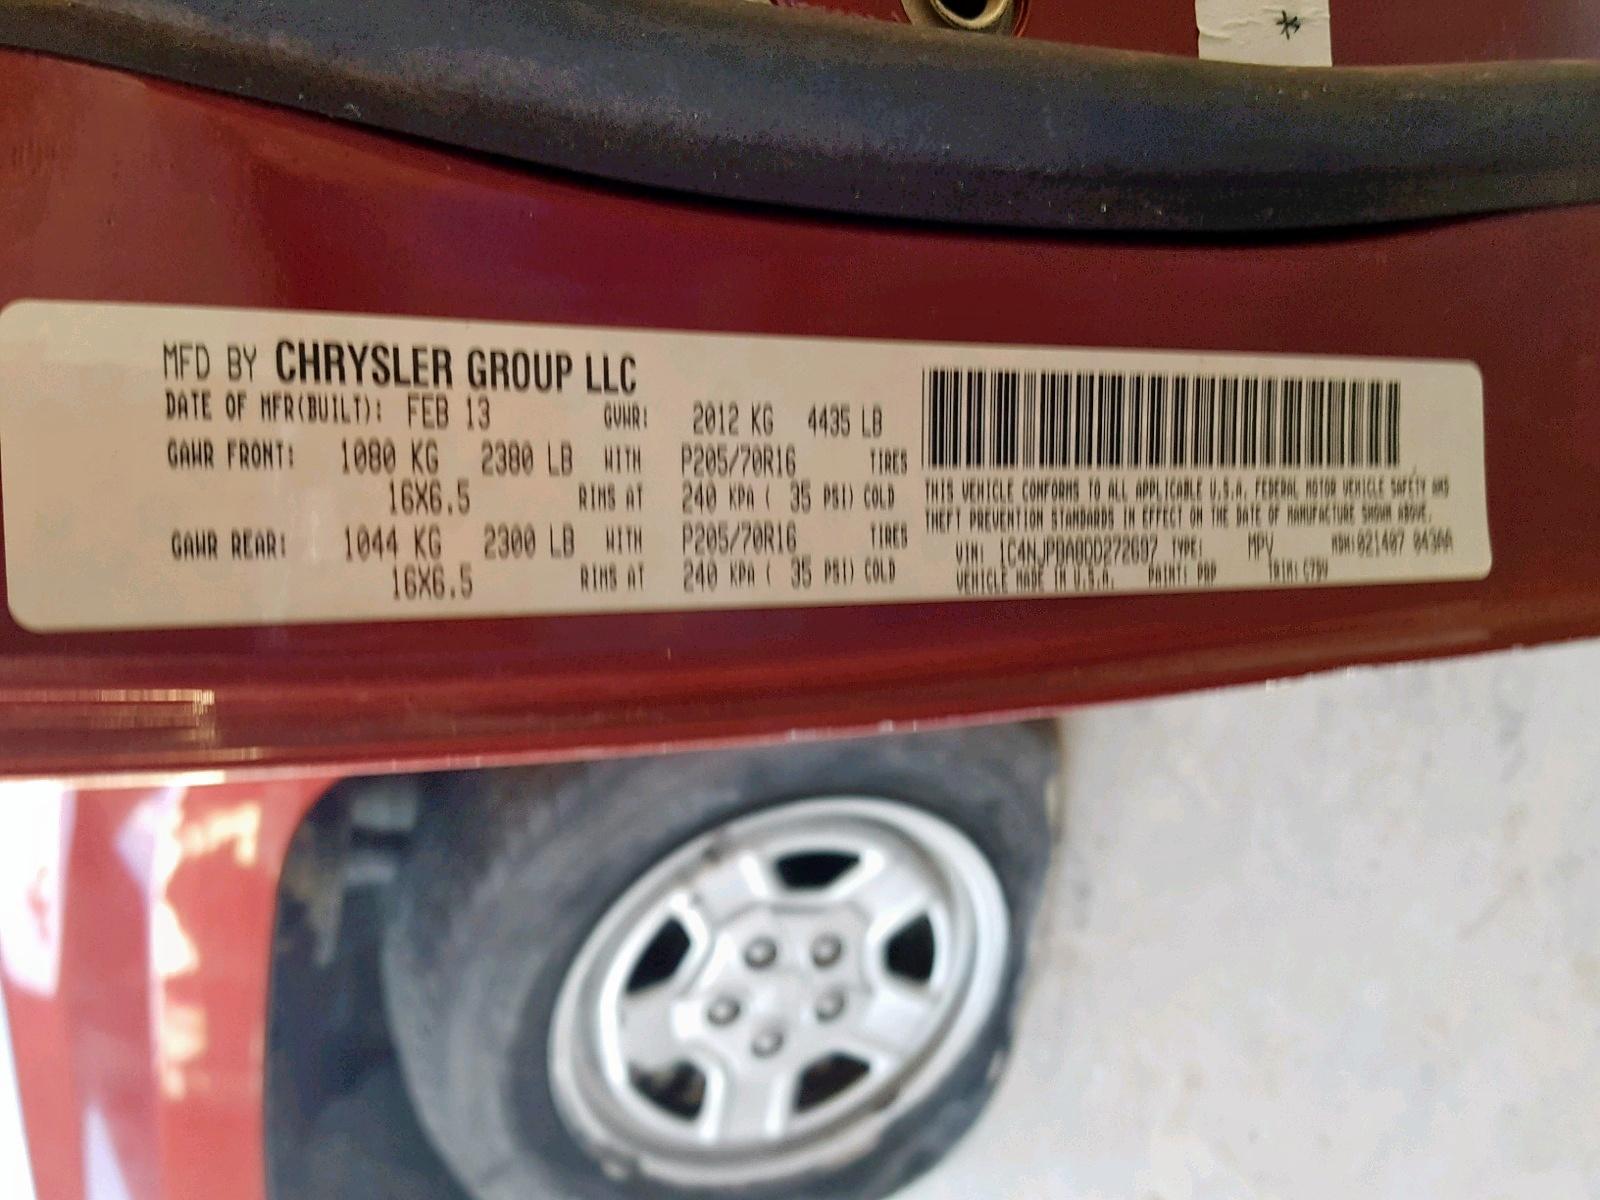 1C4NJPBA8DD272697 - 2013 Jeep Patriot Sp 2.0L